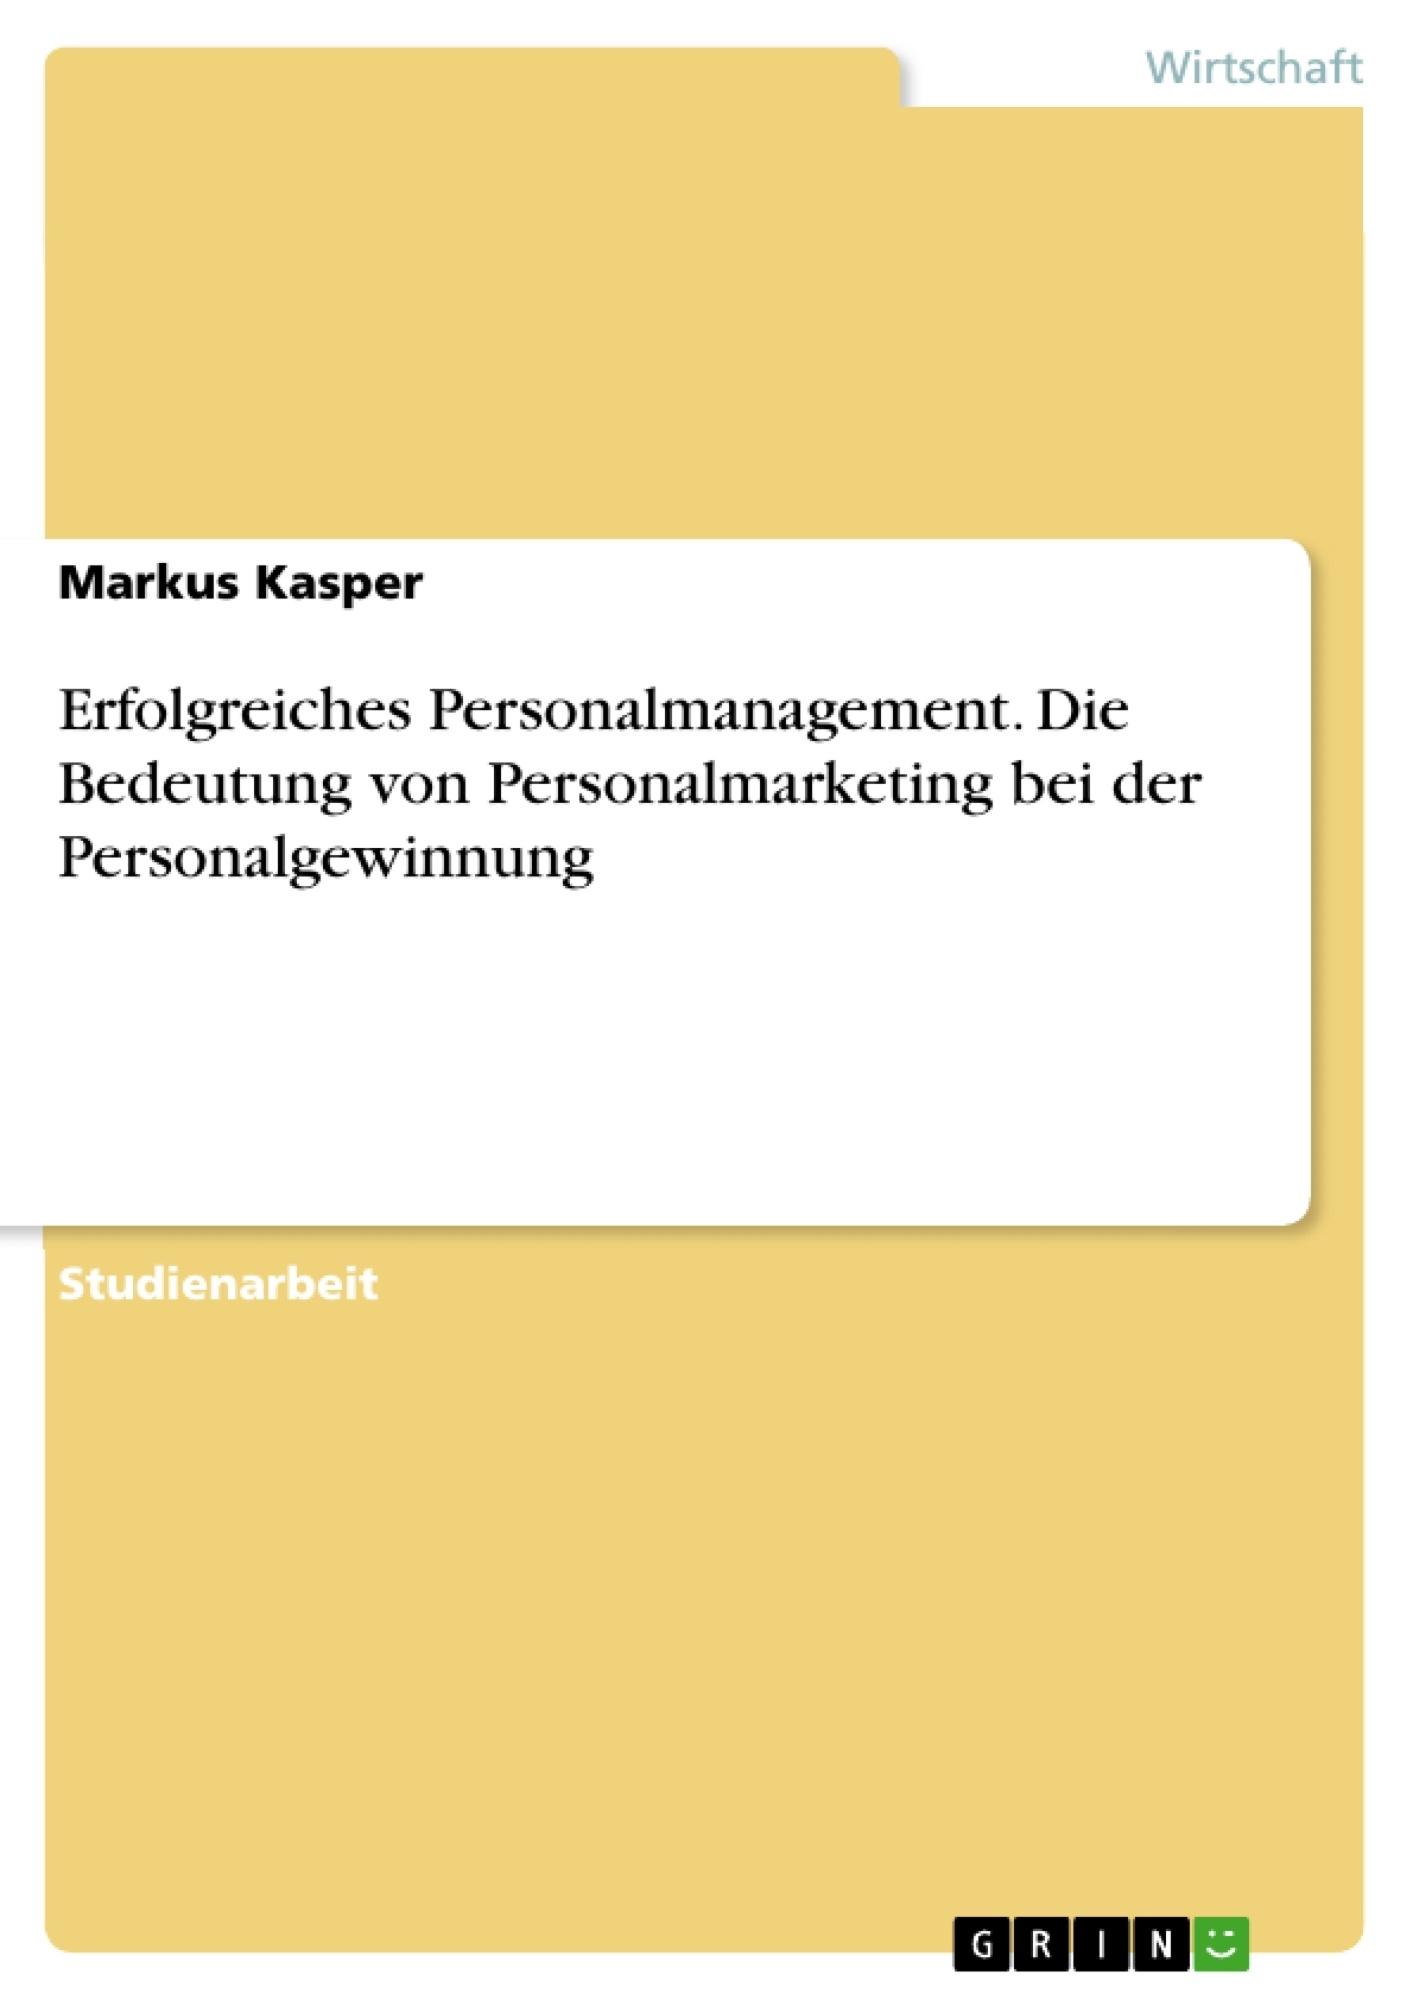 Titel: Erfolgreiches Personalmanagement. Die Bedeutung von Personalmarketing bei der Personalgewinnung